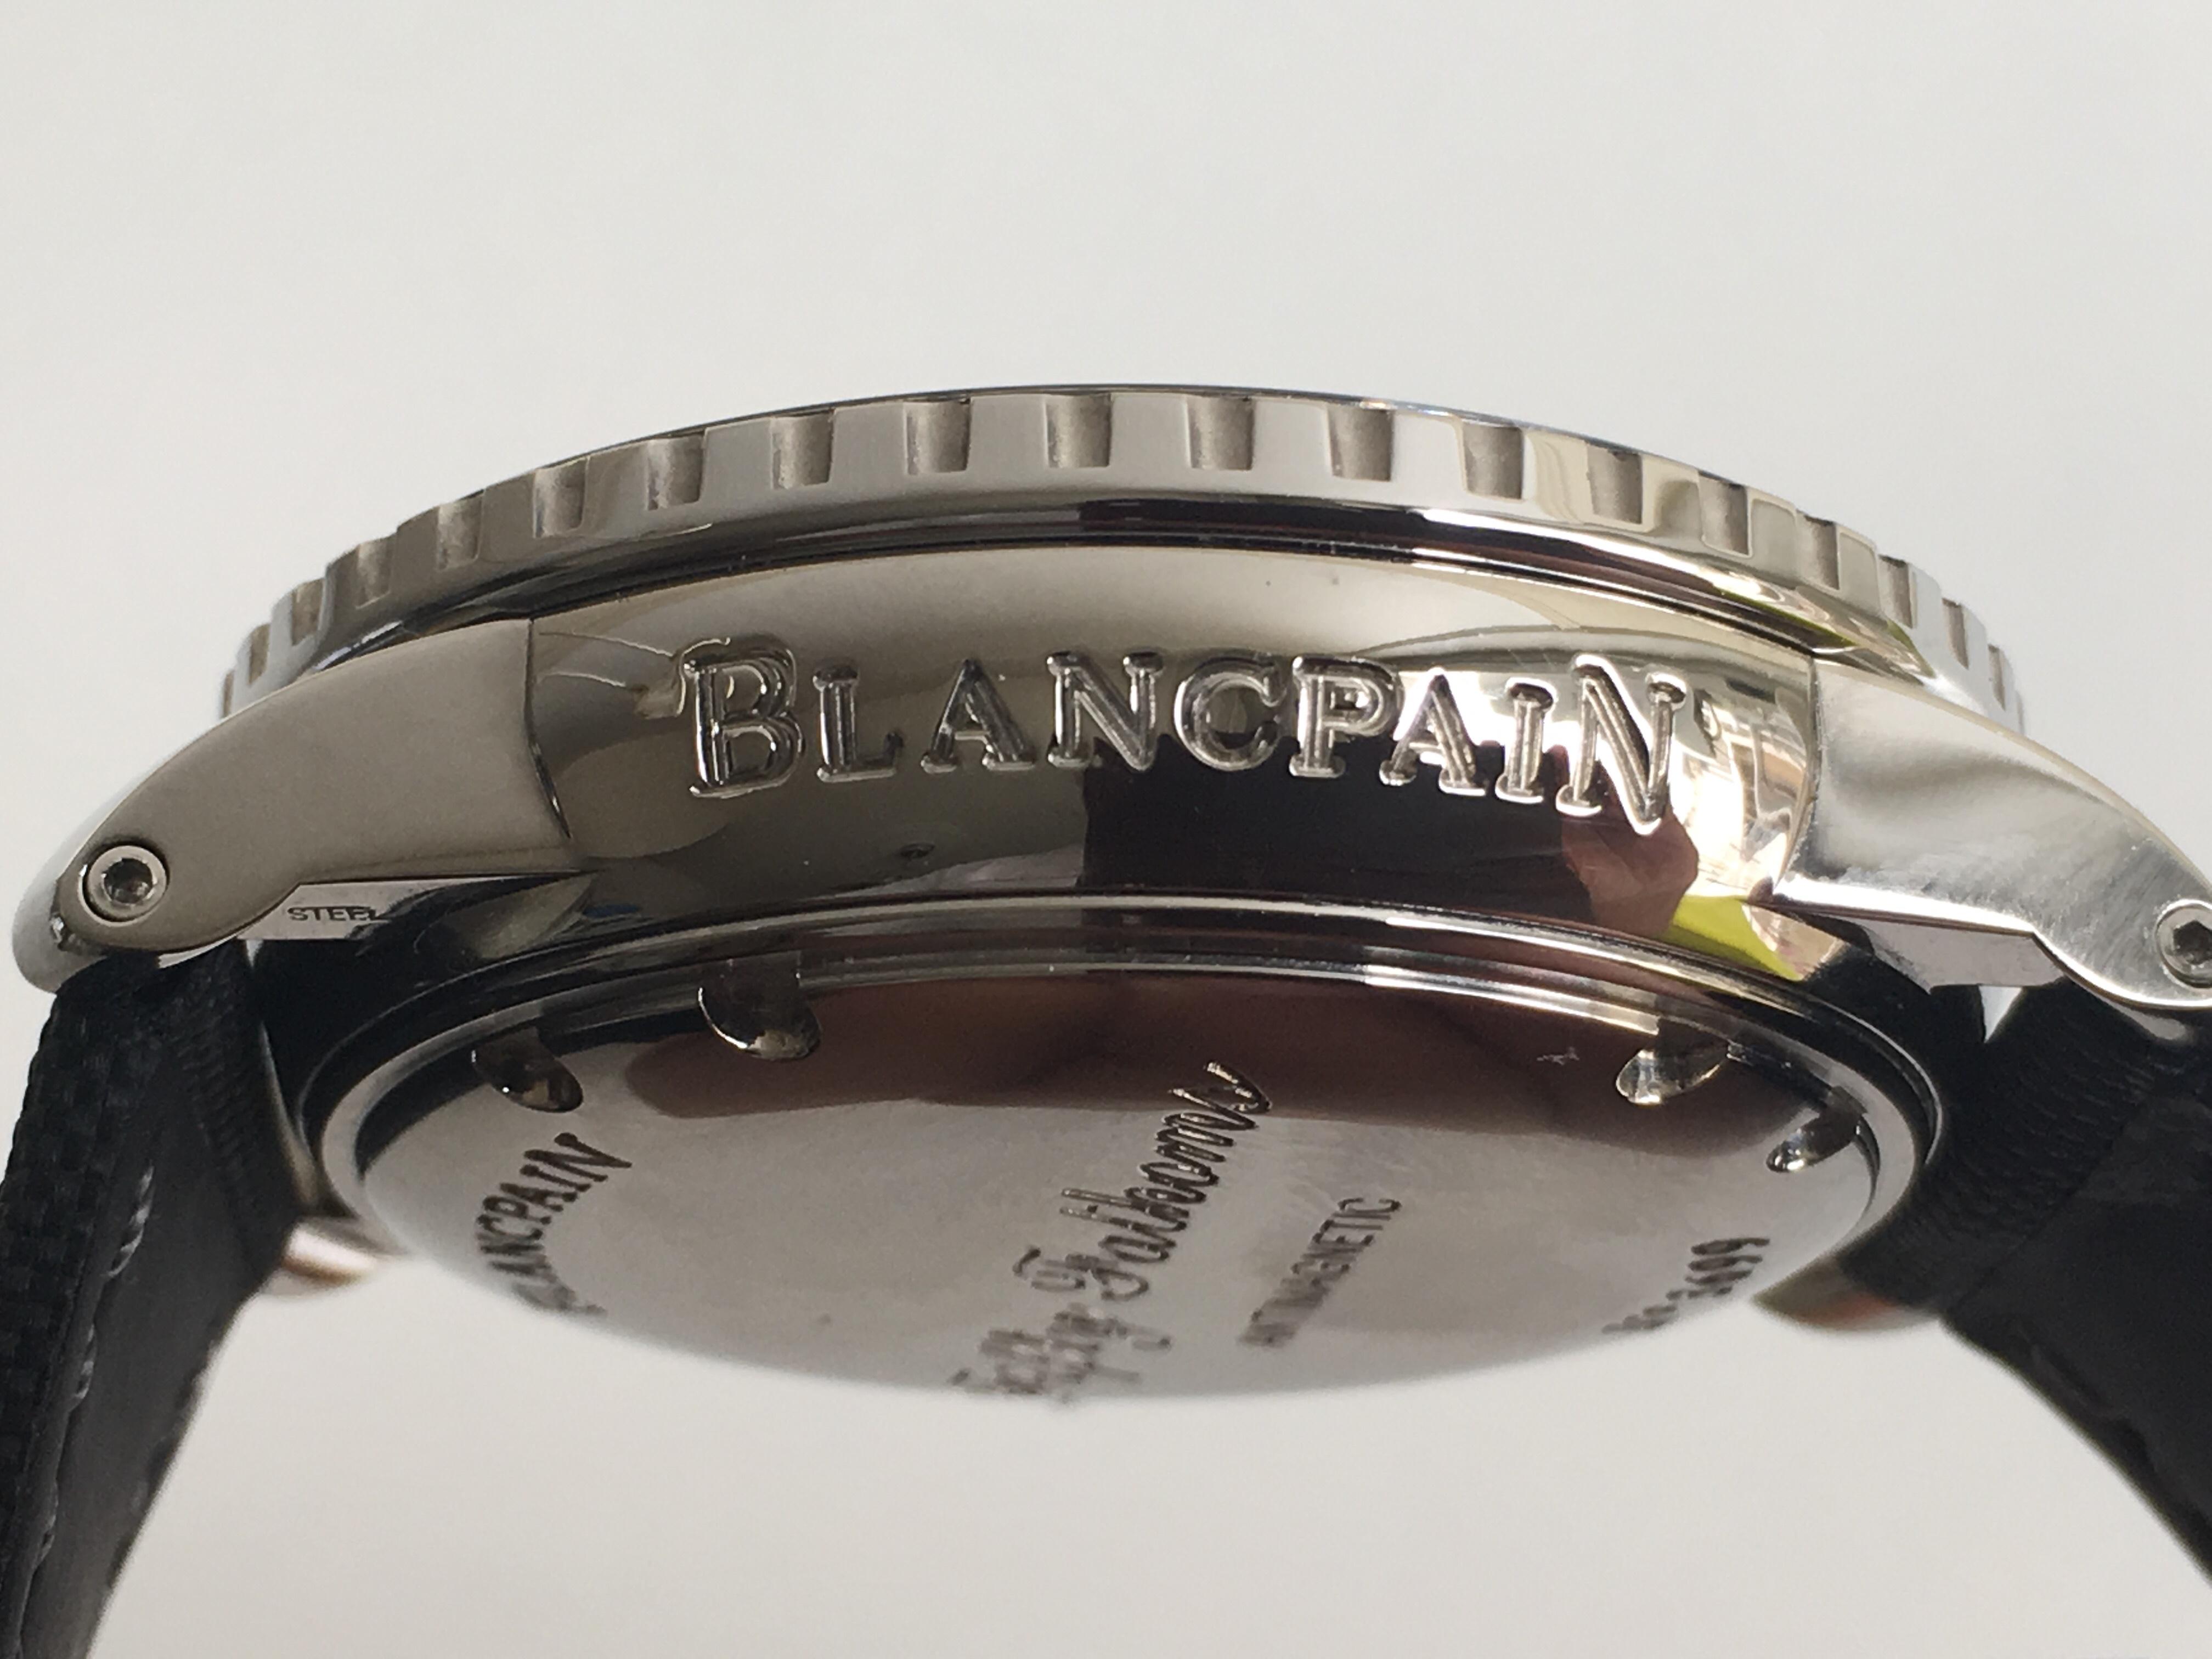 Blancpain Fifty Fathoms - Ρολόγια Replica